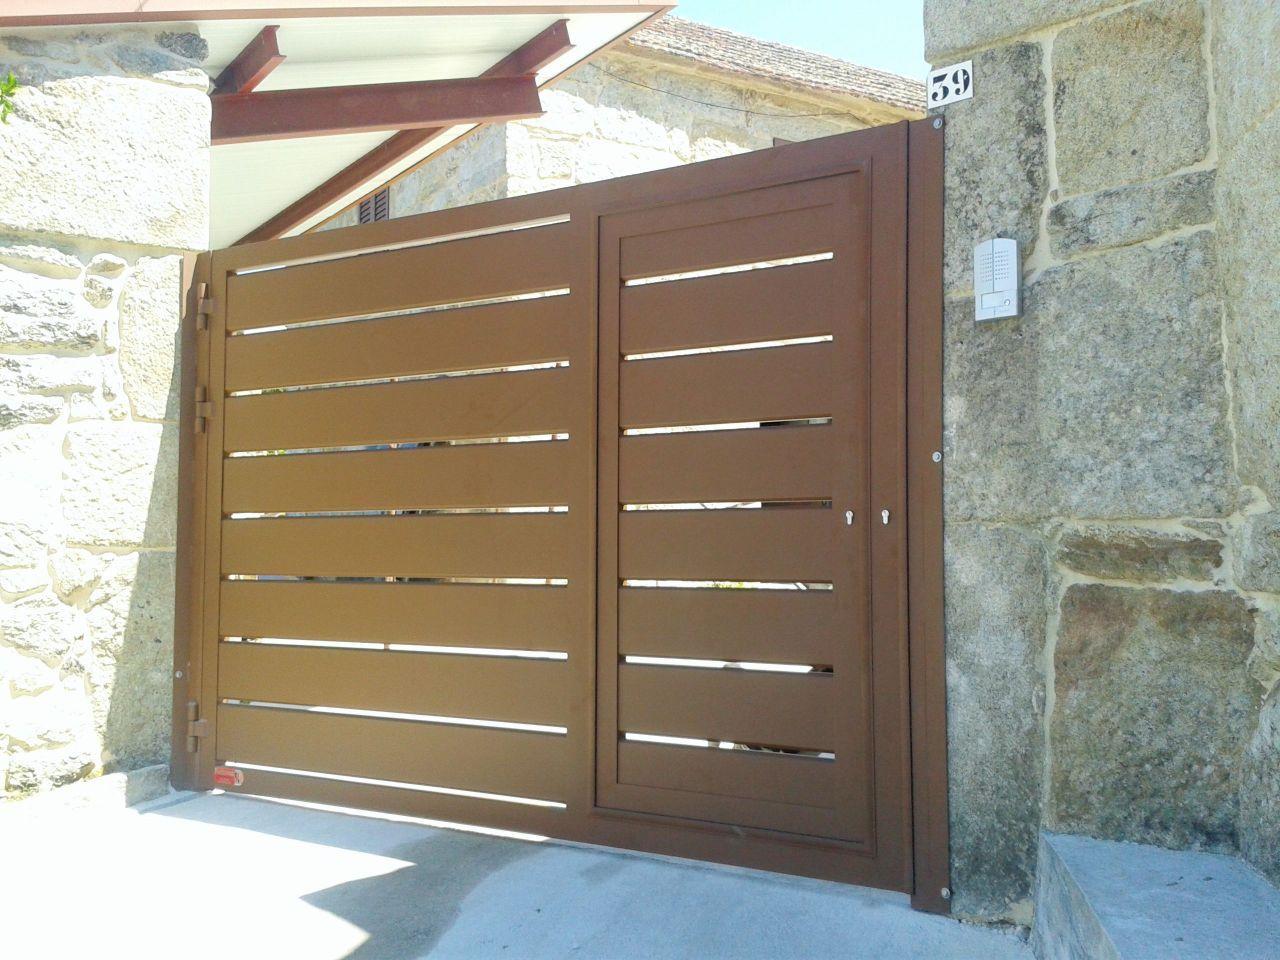 Puerta abatible de una hoja con puerta peatonal incorporada fabricada en aluminio soldado con - Puerta garaje abatible ...